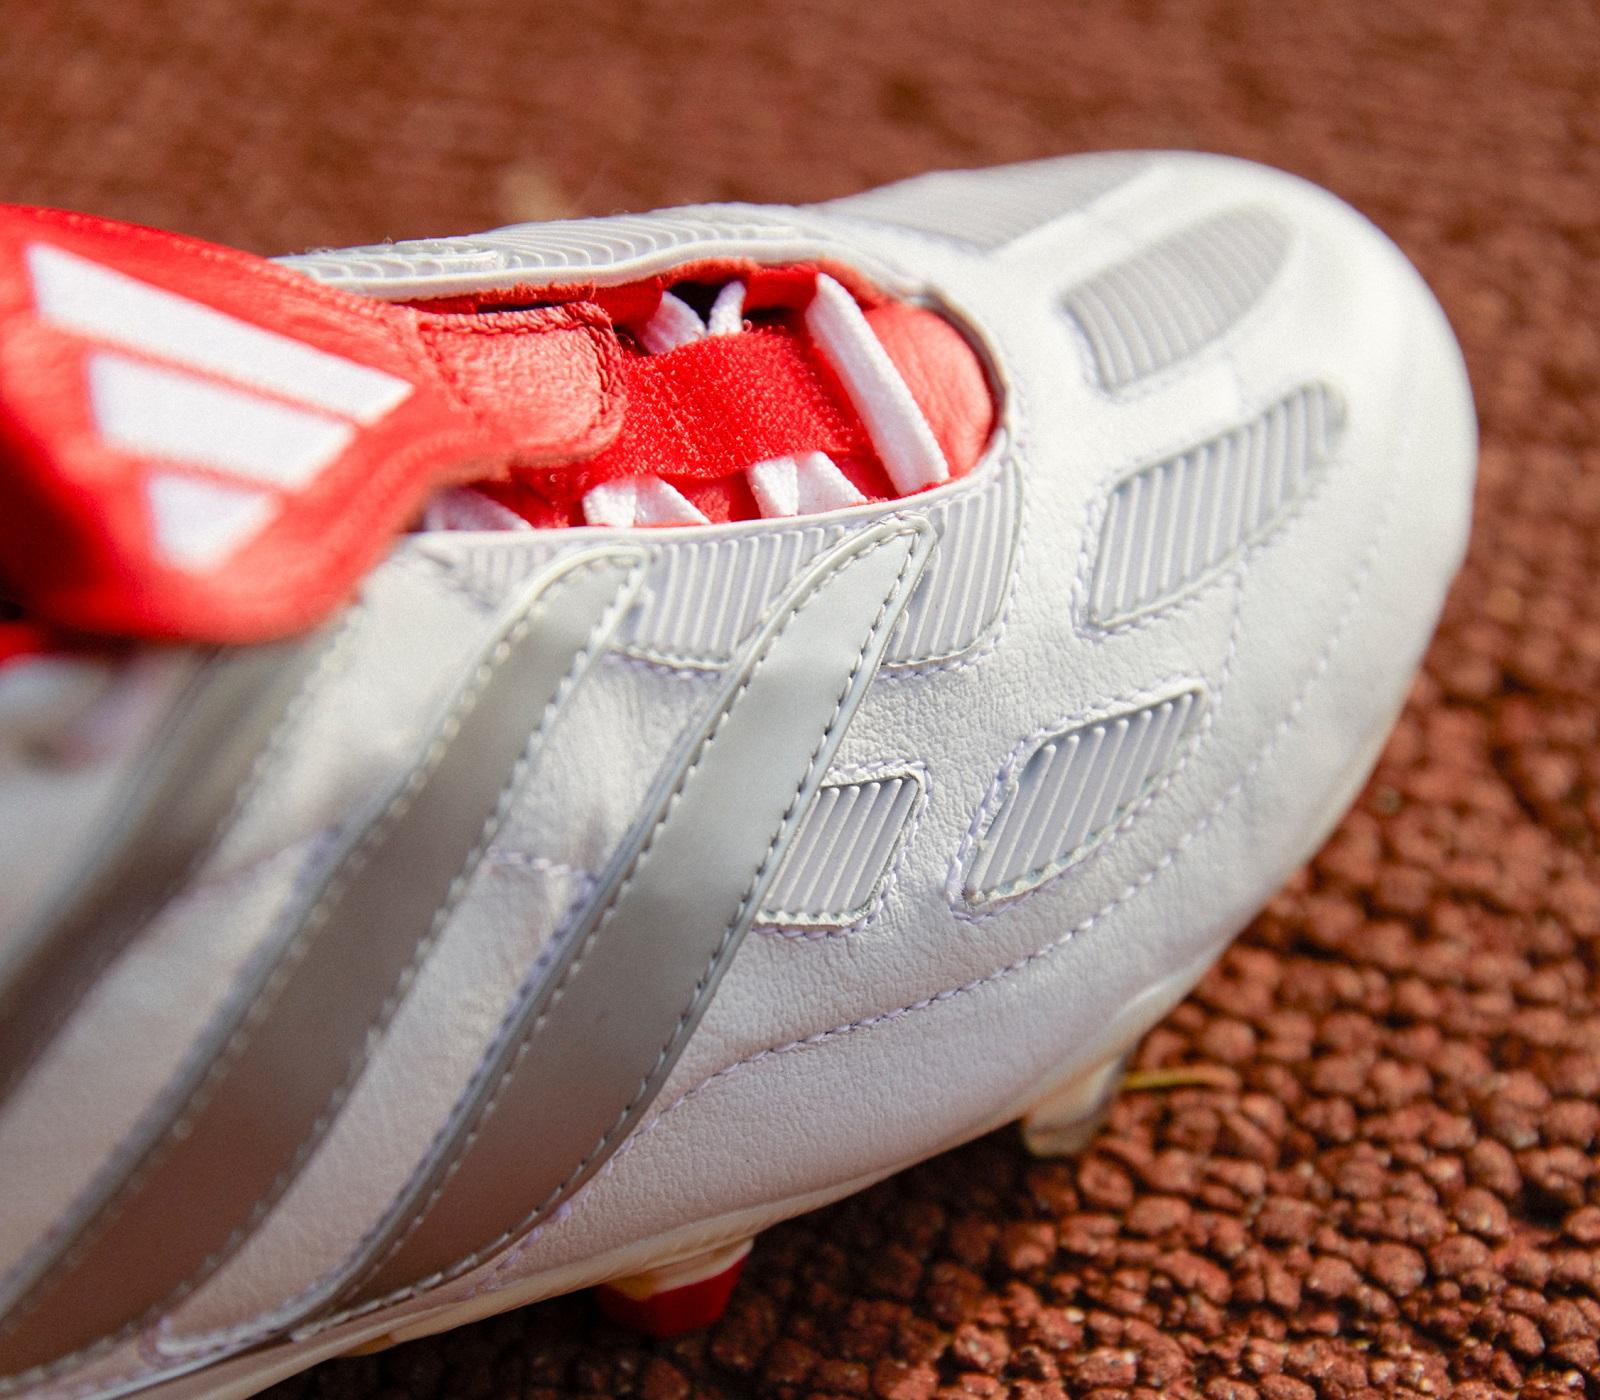 5de36ca29 adidas Predator Precision Beckham '01 Remake. adidas Predator Precision  Beckham Released